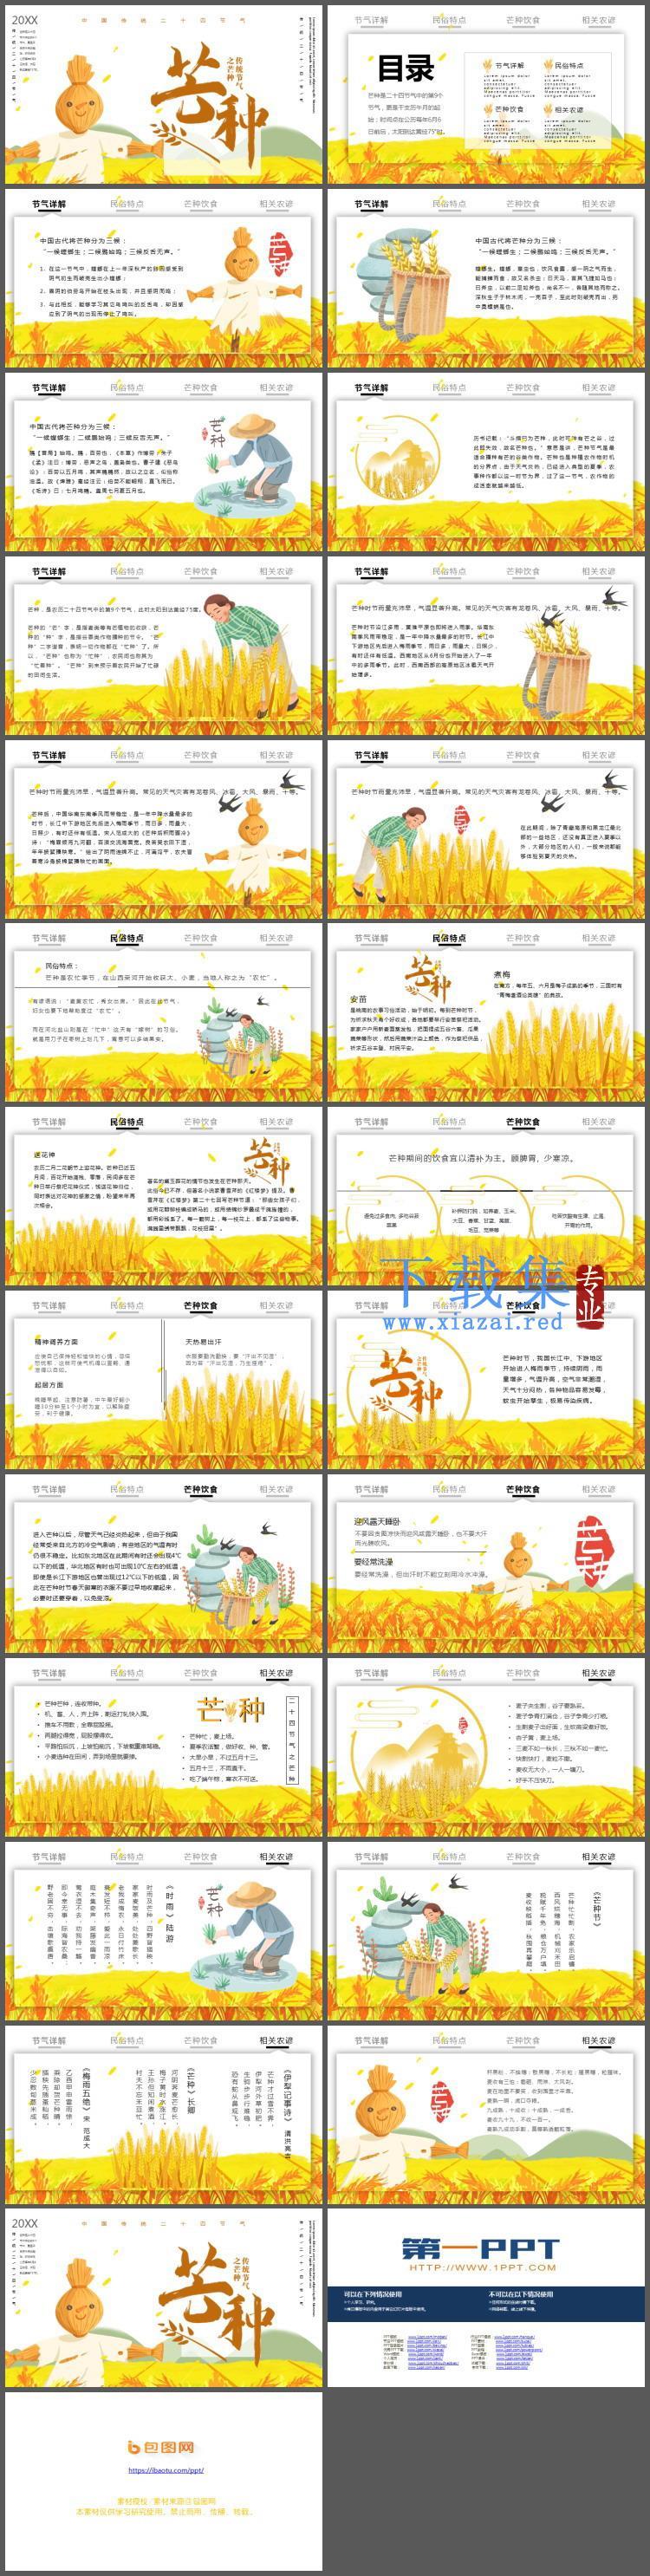 麦田与稻草人背景的芒种节气介绍PPT模板  第2张